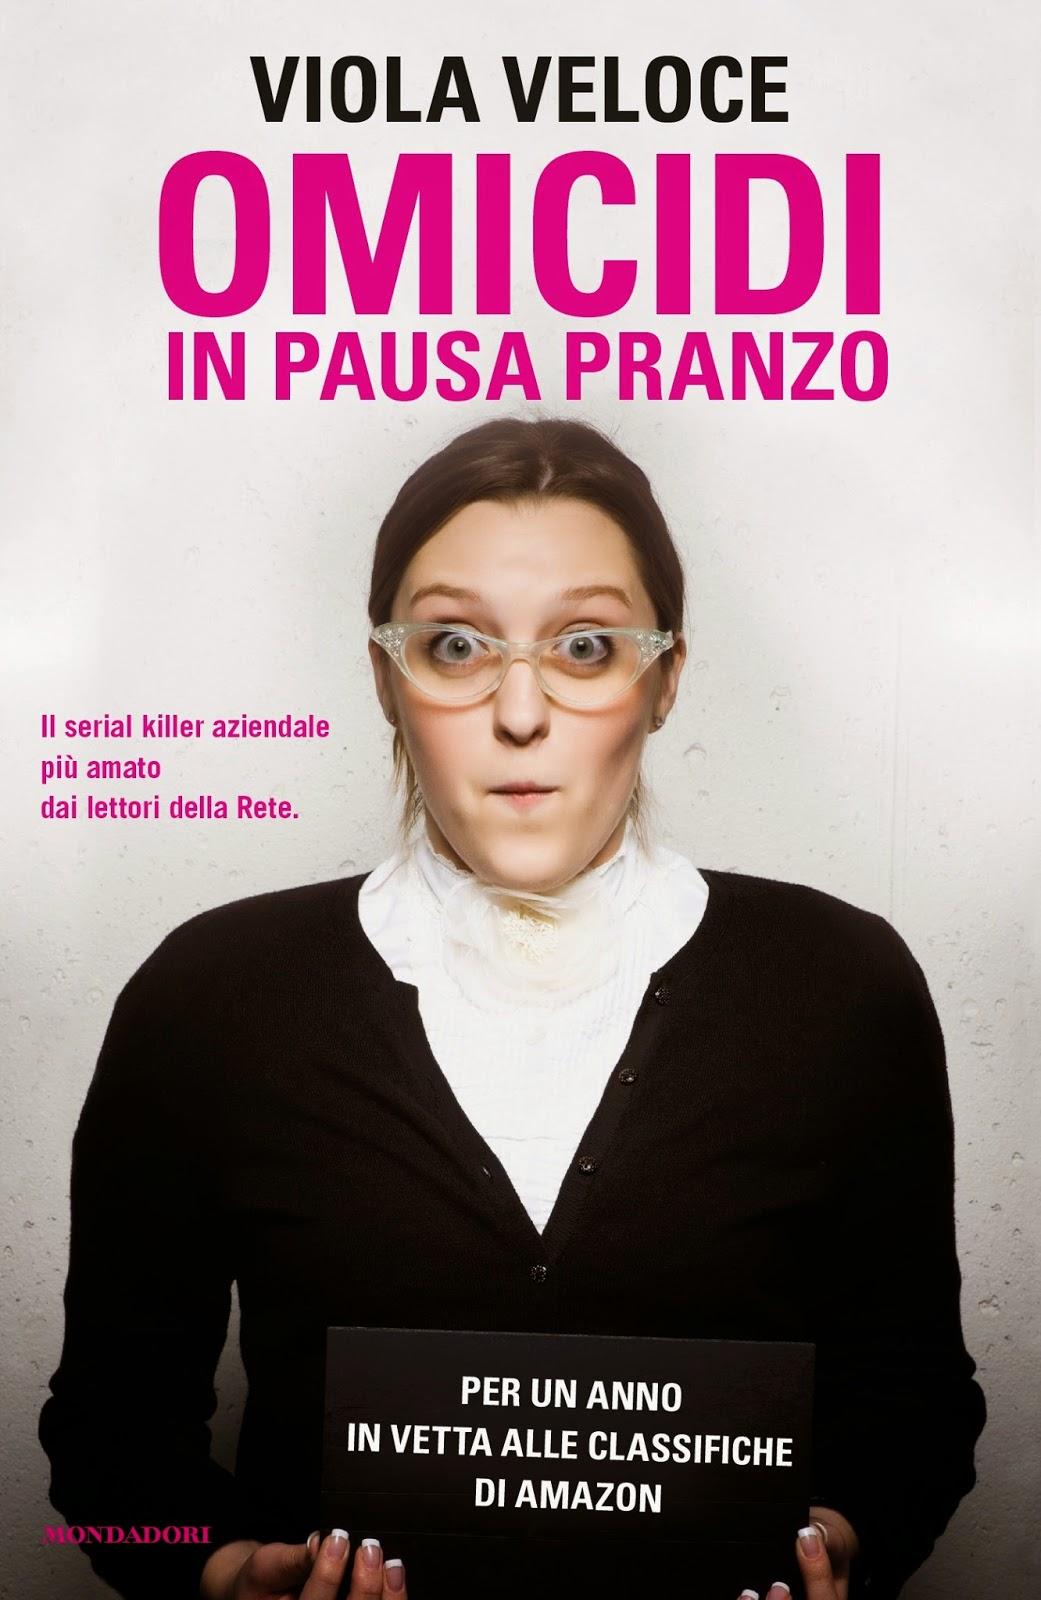 """""""Omicidi in pausa pranzo"""", di Viola Veloce"""